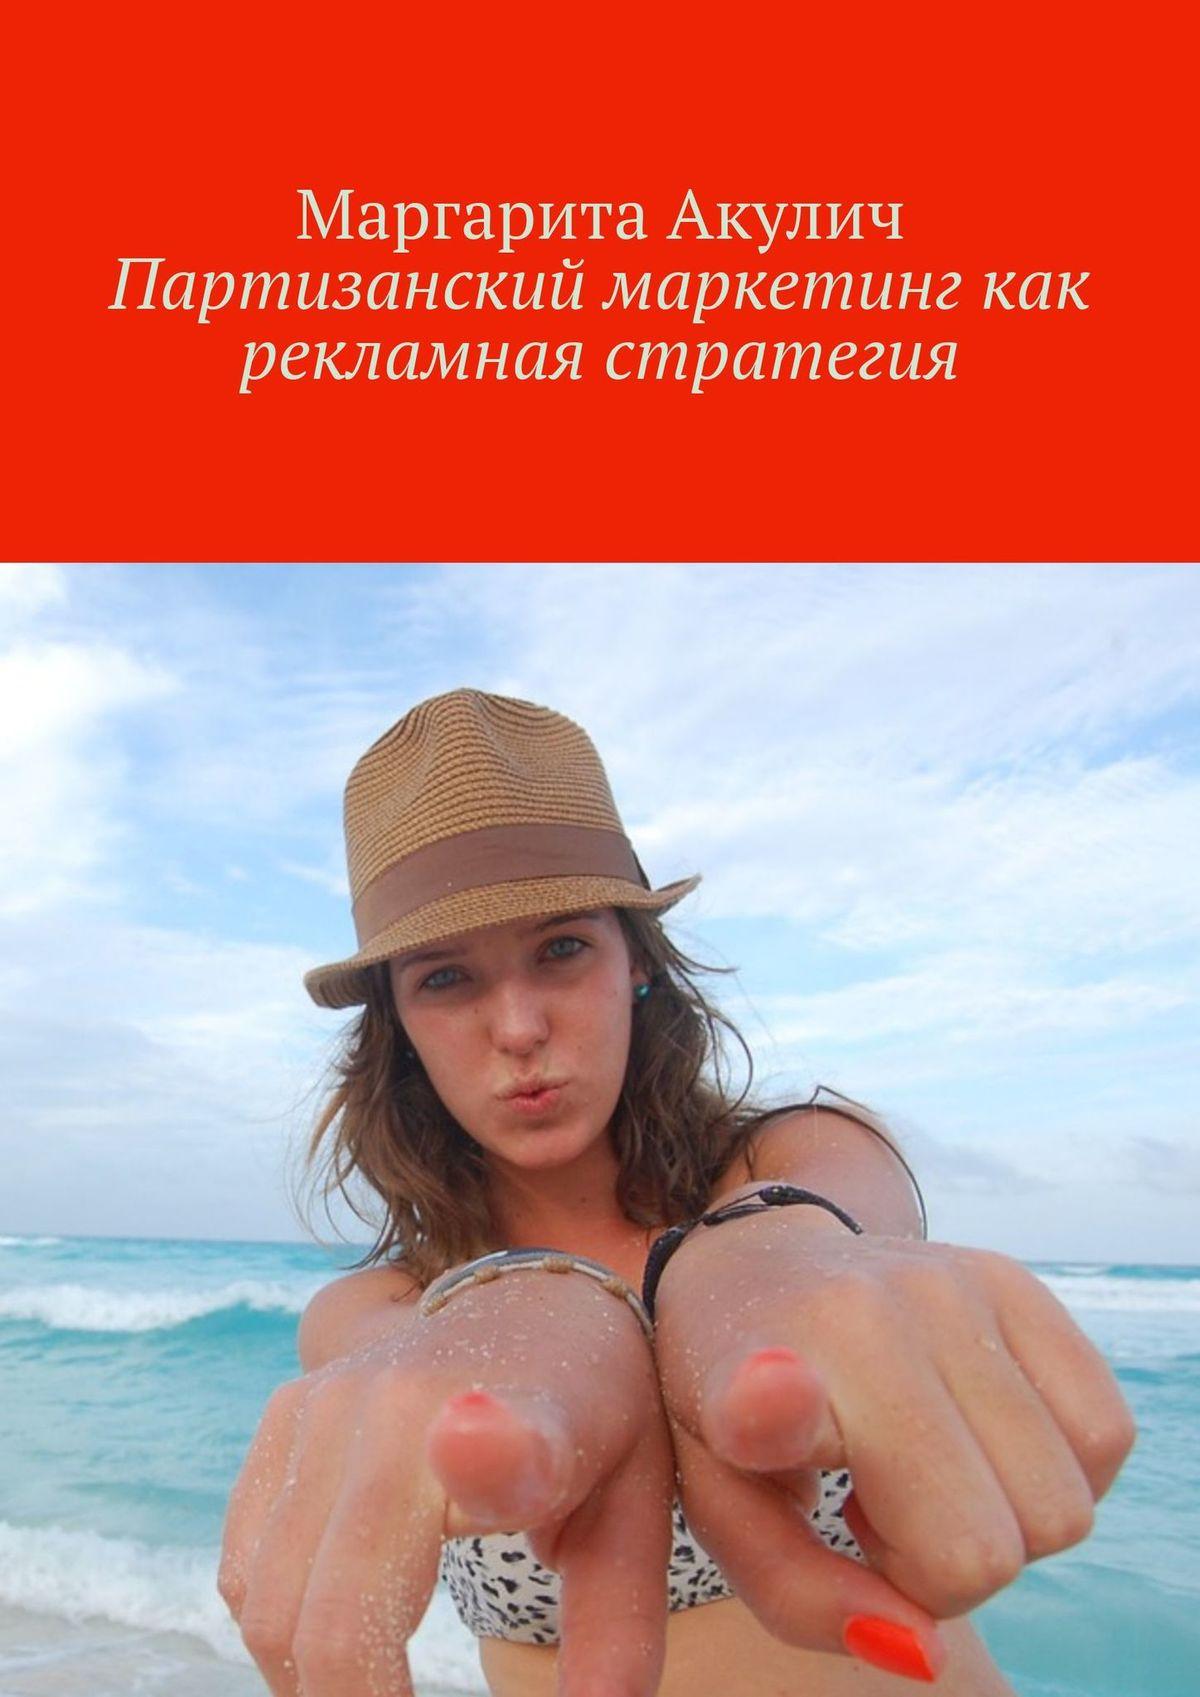 Маргарита Акулич Партизанский маркетинг как рекламная стратегия левитас а больше денег от вашего бизнеса партизанский маркетинг в действии